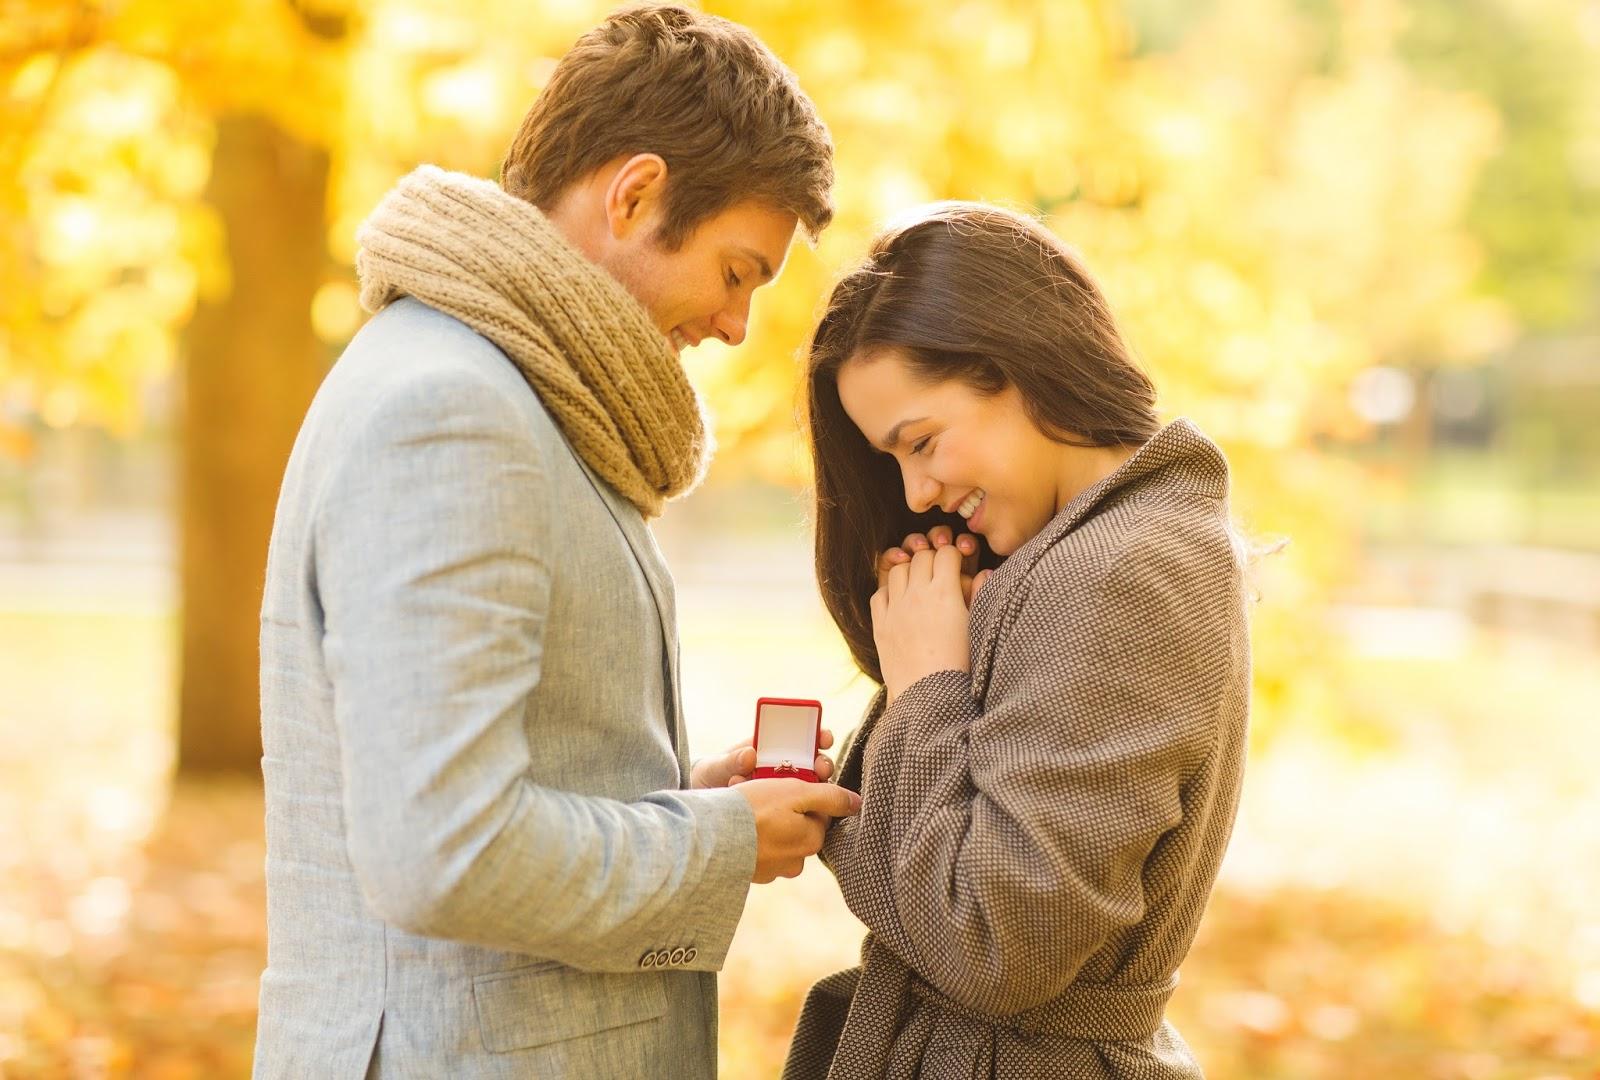 صورة صور رومانسية جديدة , اجمل الصور الرومانسية ٢٠١٨